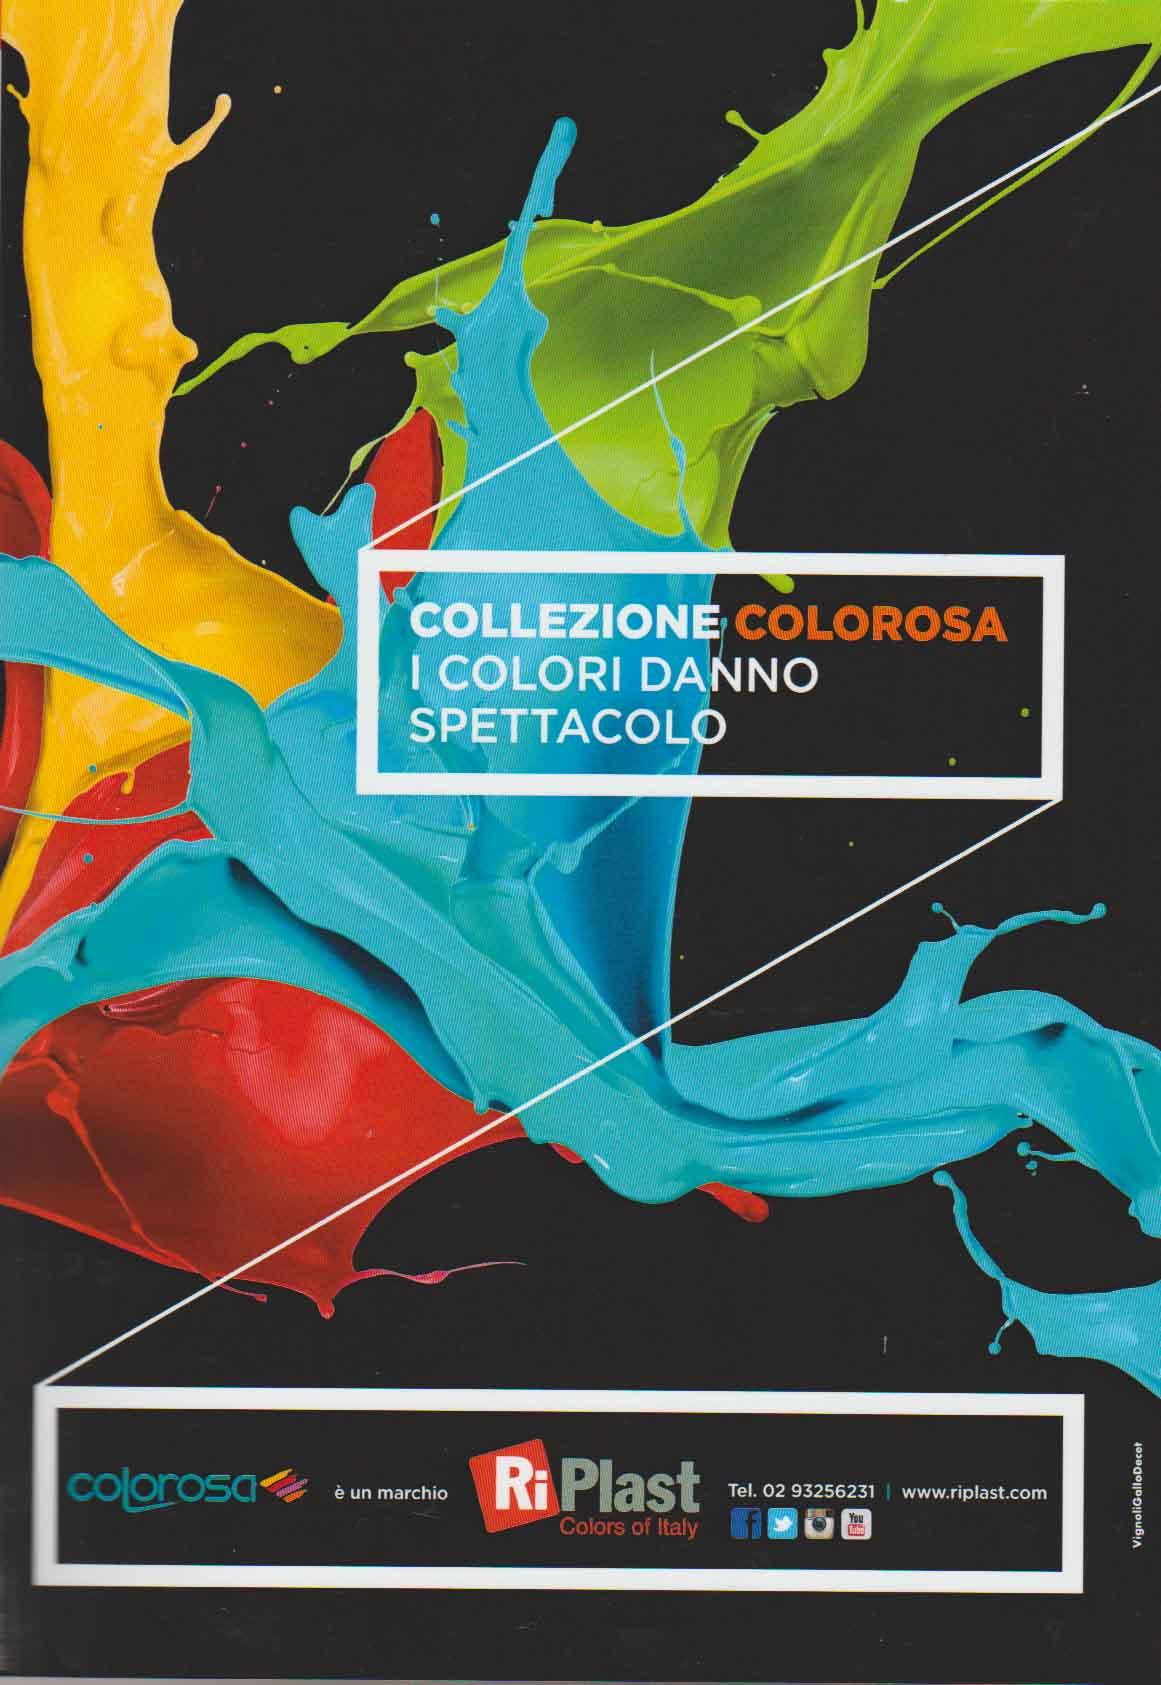 IL CARTOLIBRAIO n 458 - ADV Colorosa